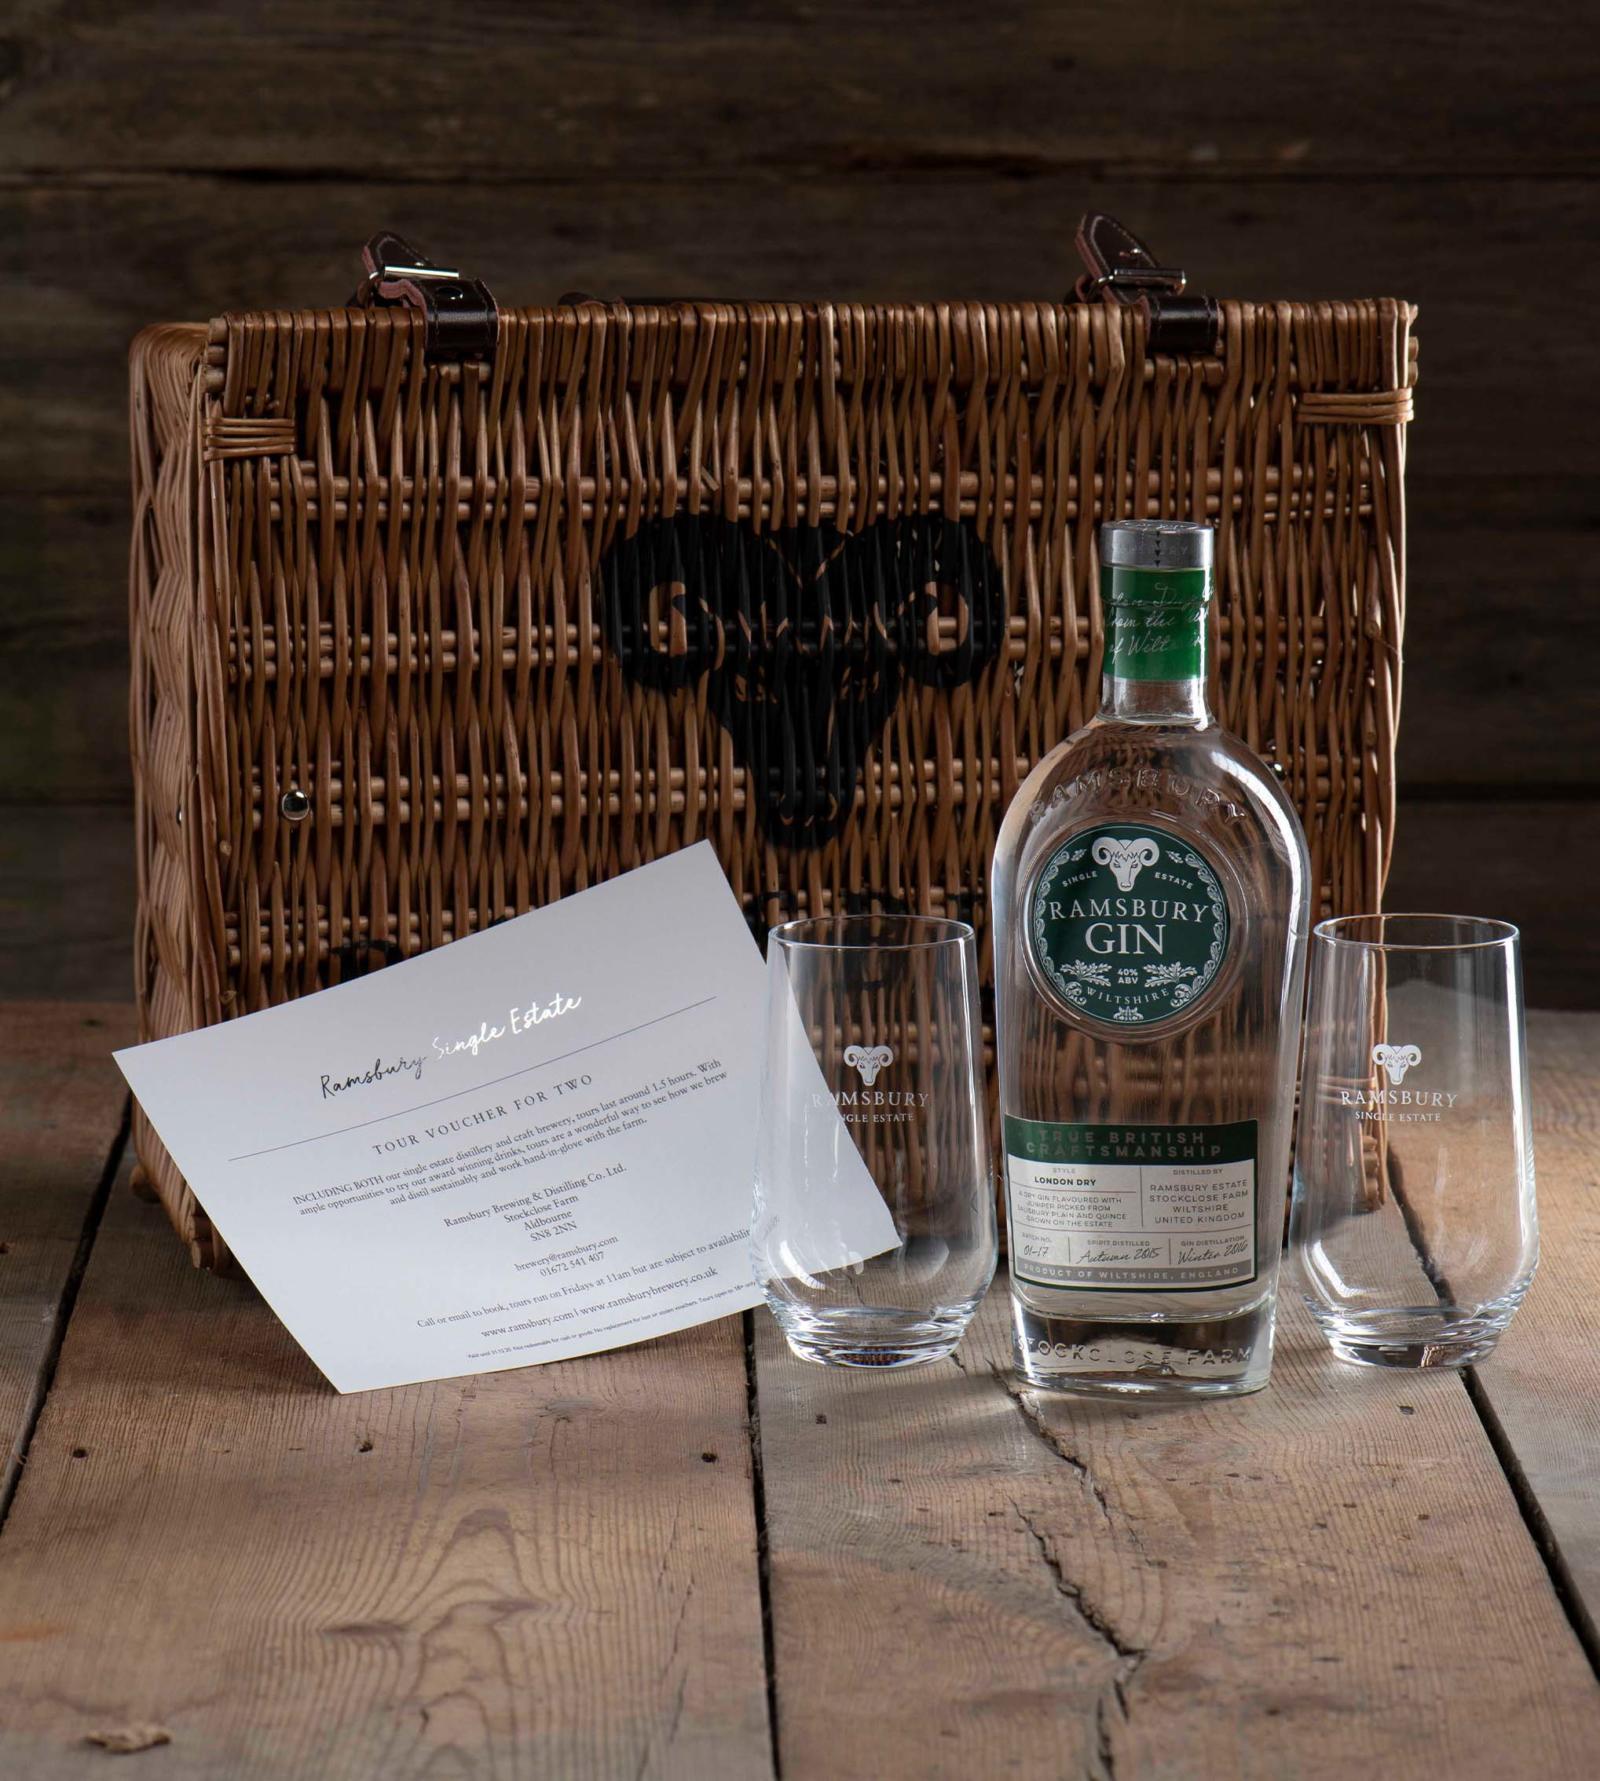 Ramsbury Gin Hamper